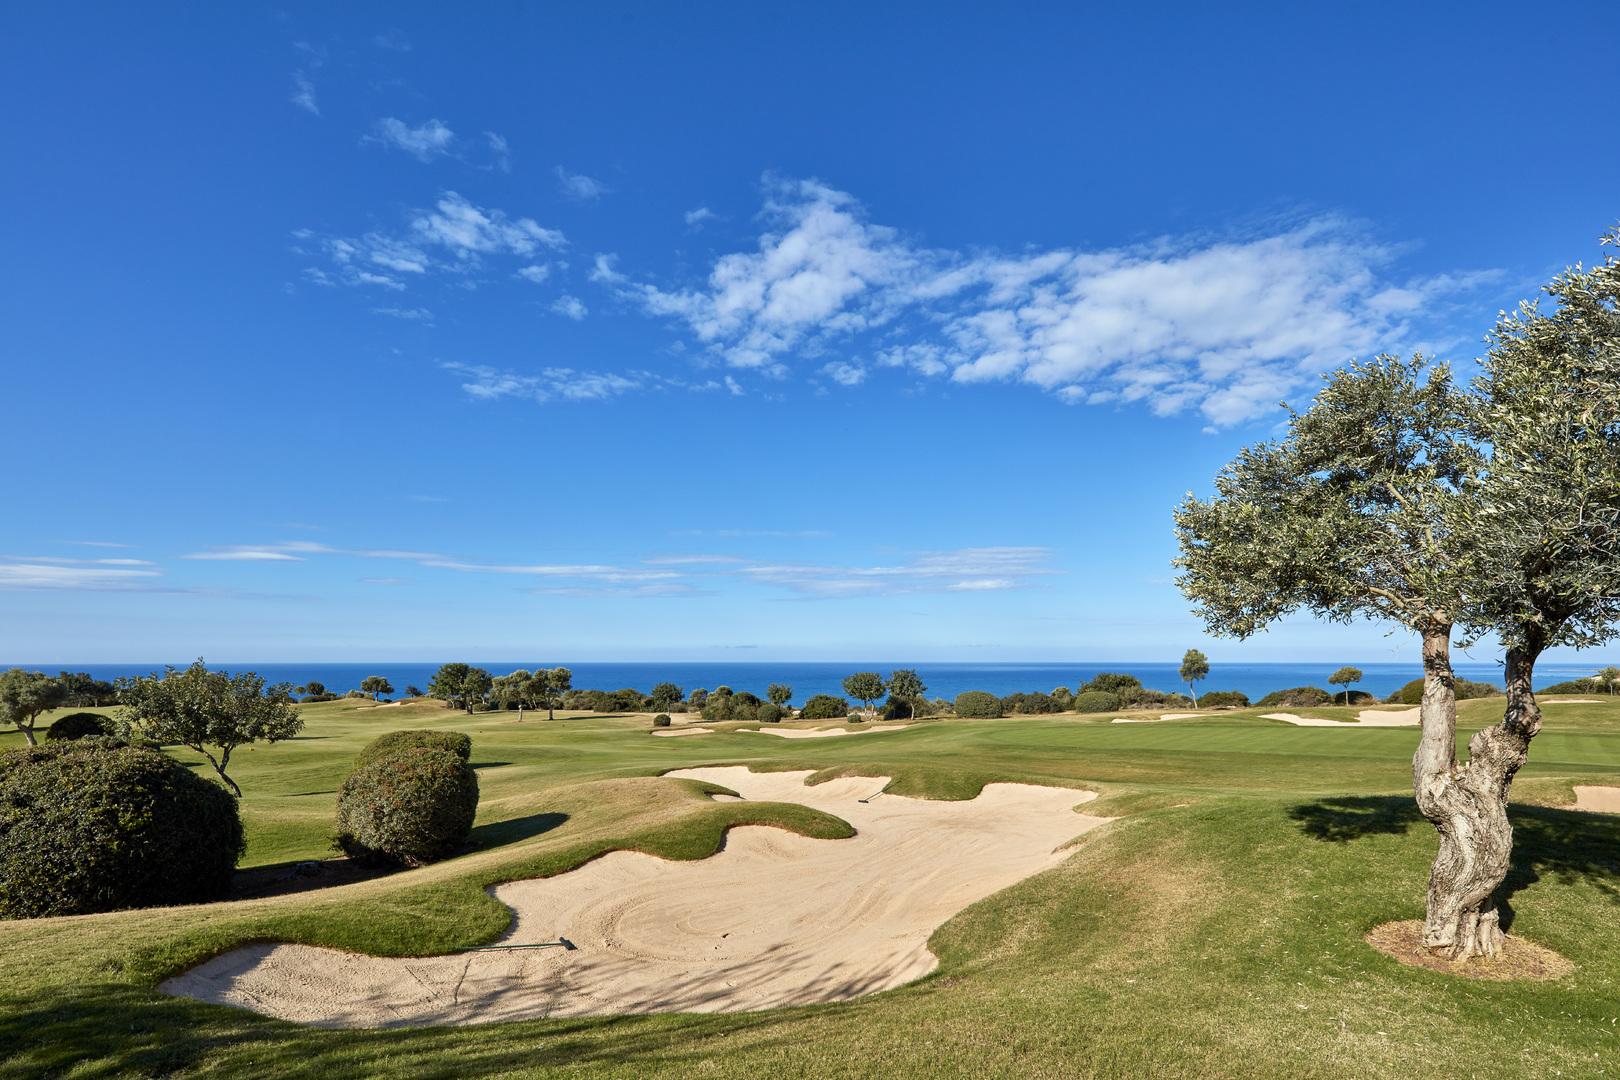 Golfreise Zypern - Trainingswoche Zypern